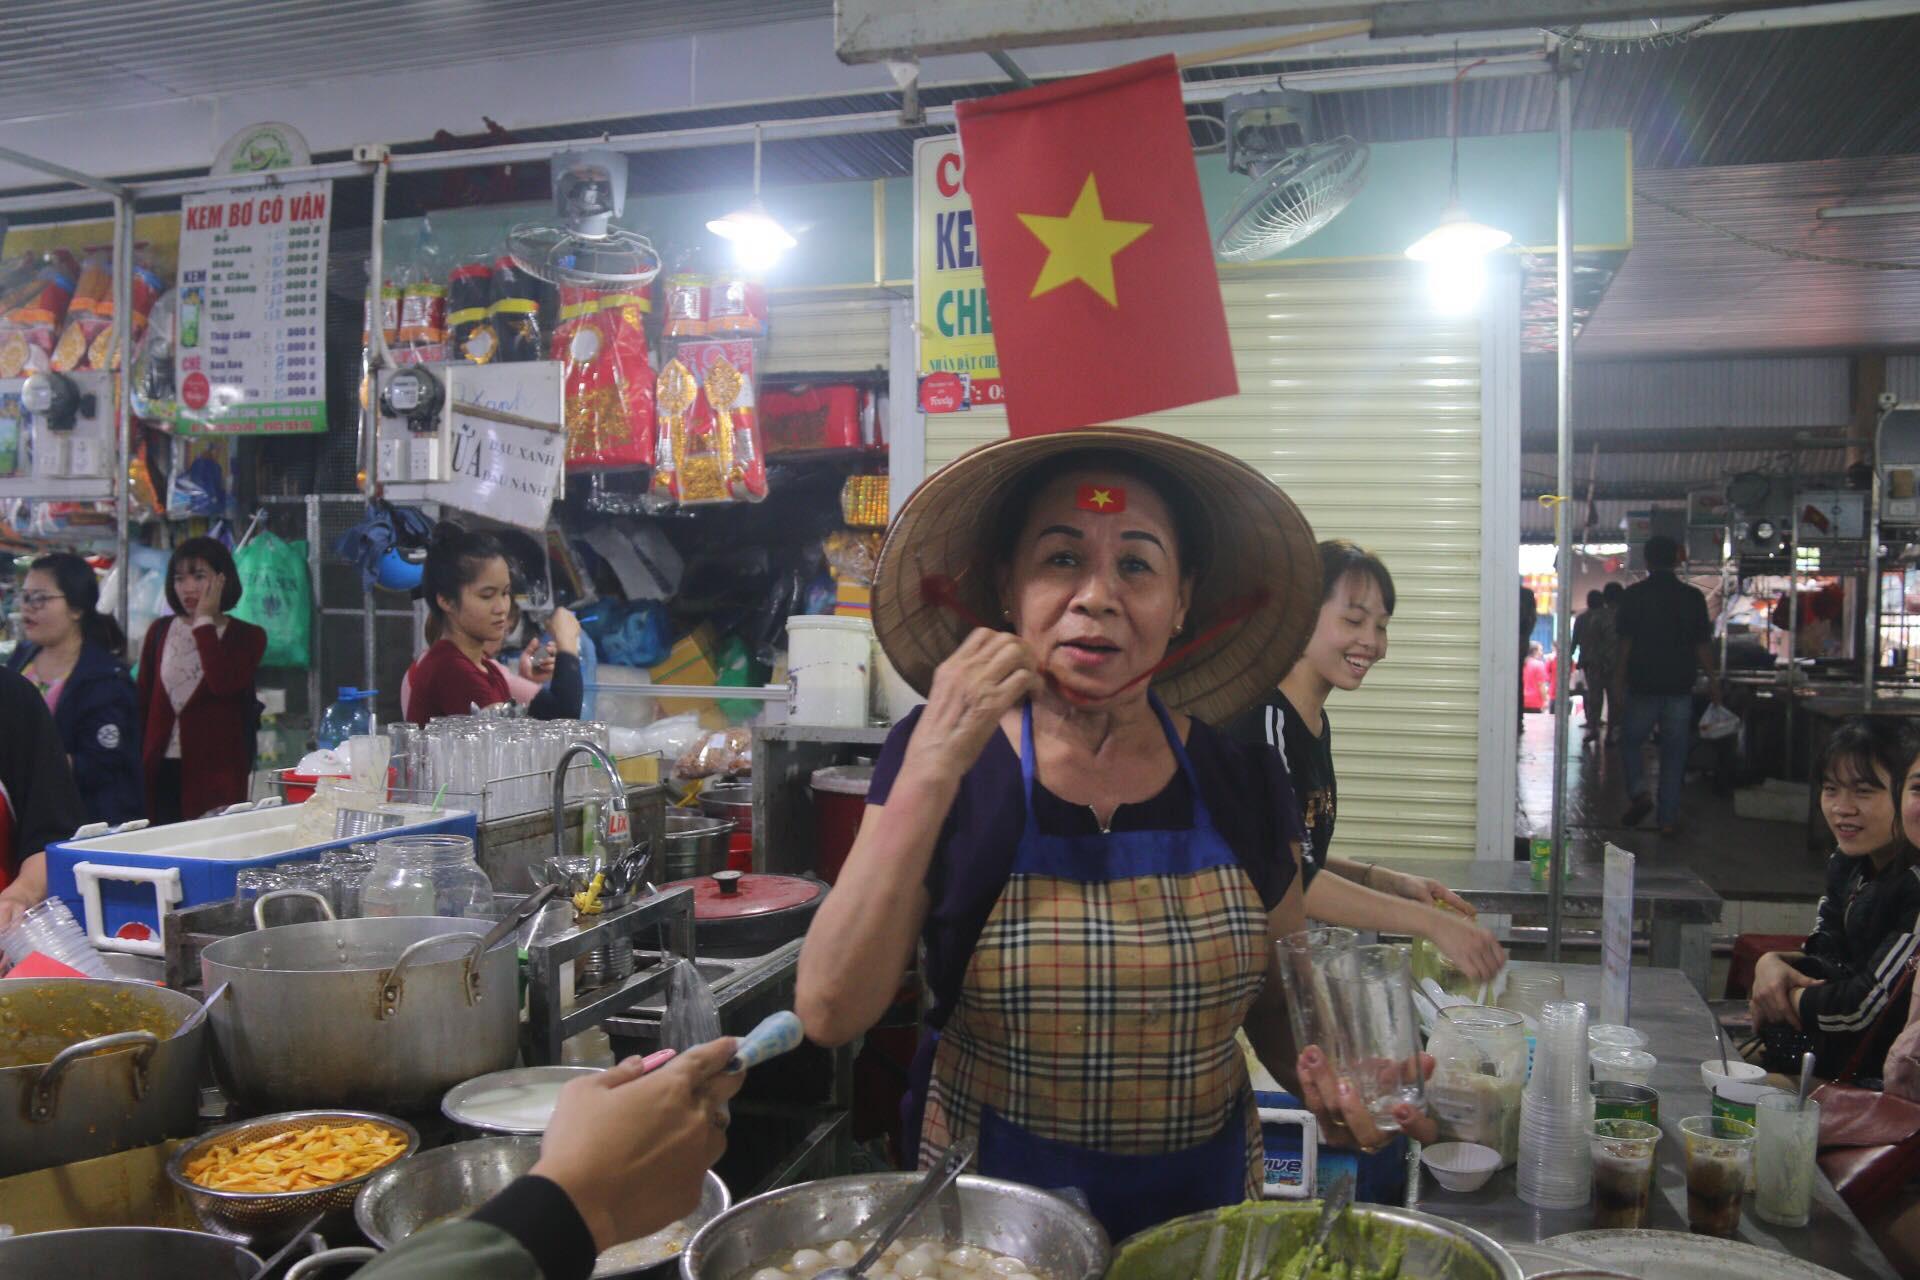 Tiểu thương Đà Nẵng treo quốc kỳ khắp chợ, nghỉ bán sớm để cổ vũ cho đội tuyển U23 Việt Nam - Ảnh 3.